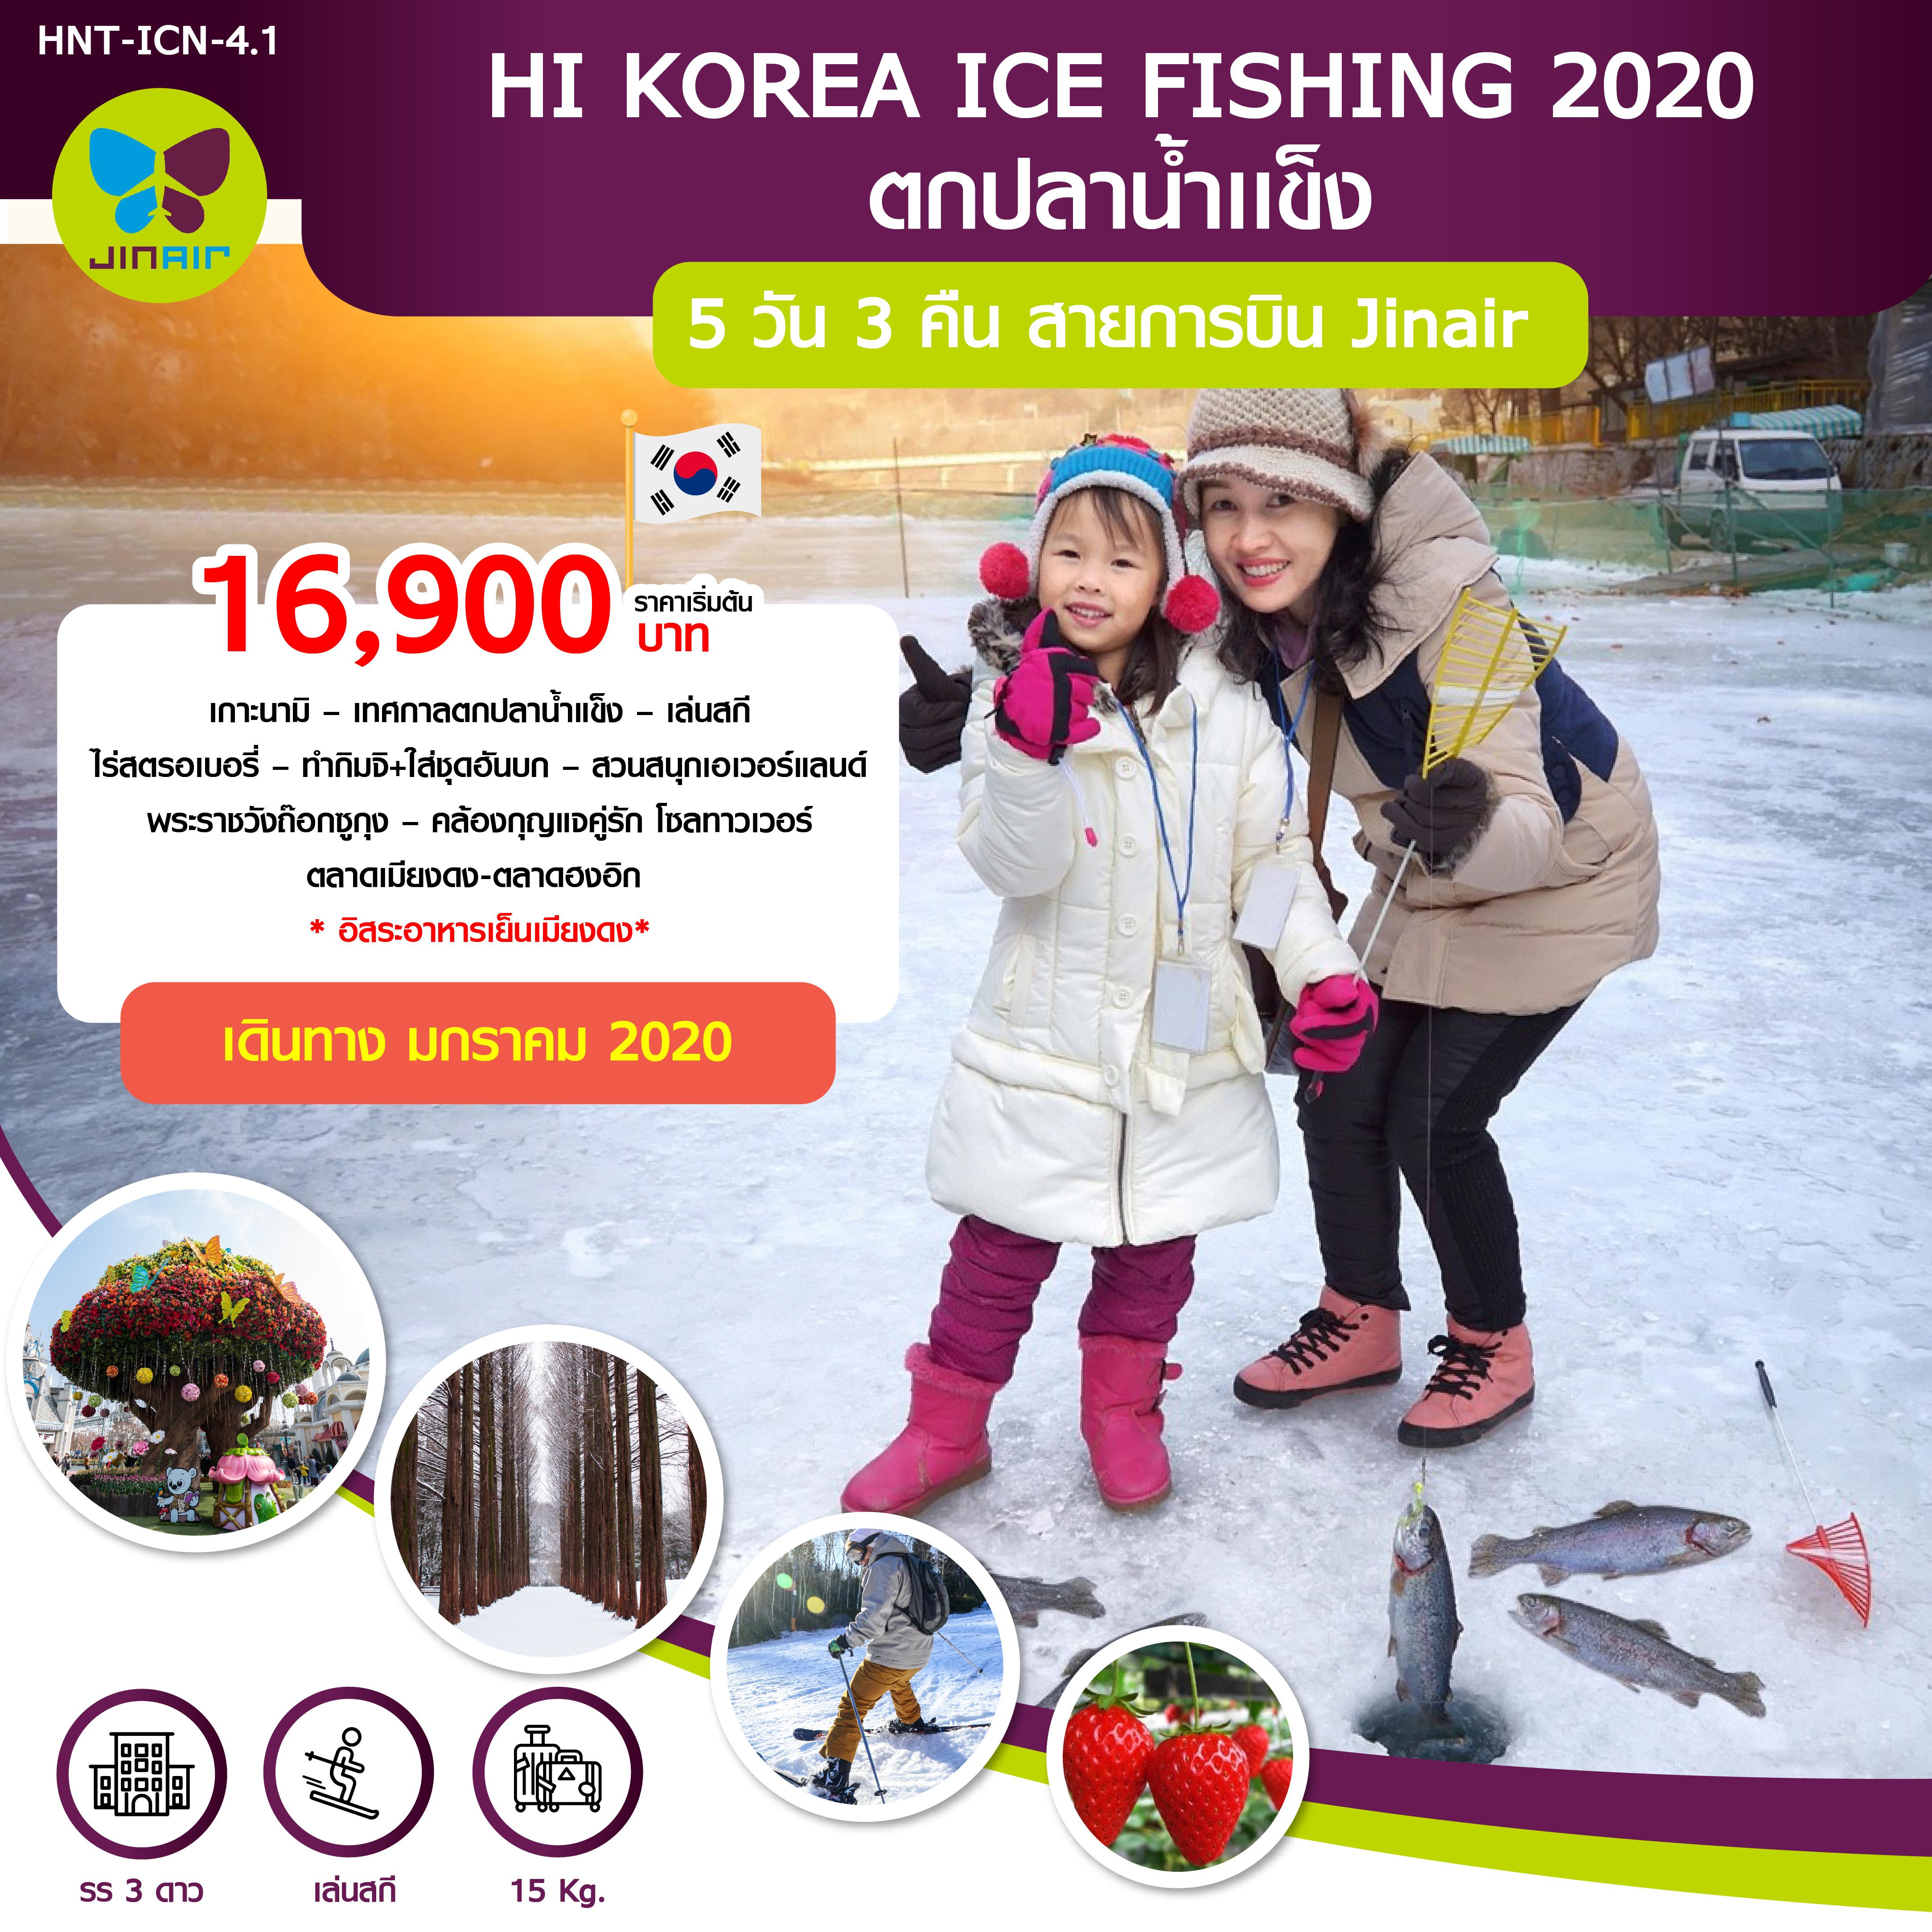 ทัวร์เกาหลี-HI-KOREA-ICE-FISHING-2020-(LJ)-5วัน3คืน-HNT-ICN-4.1